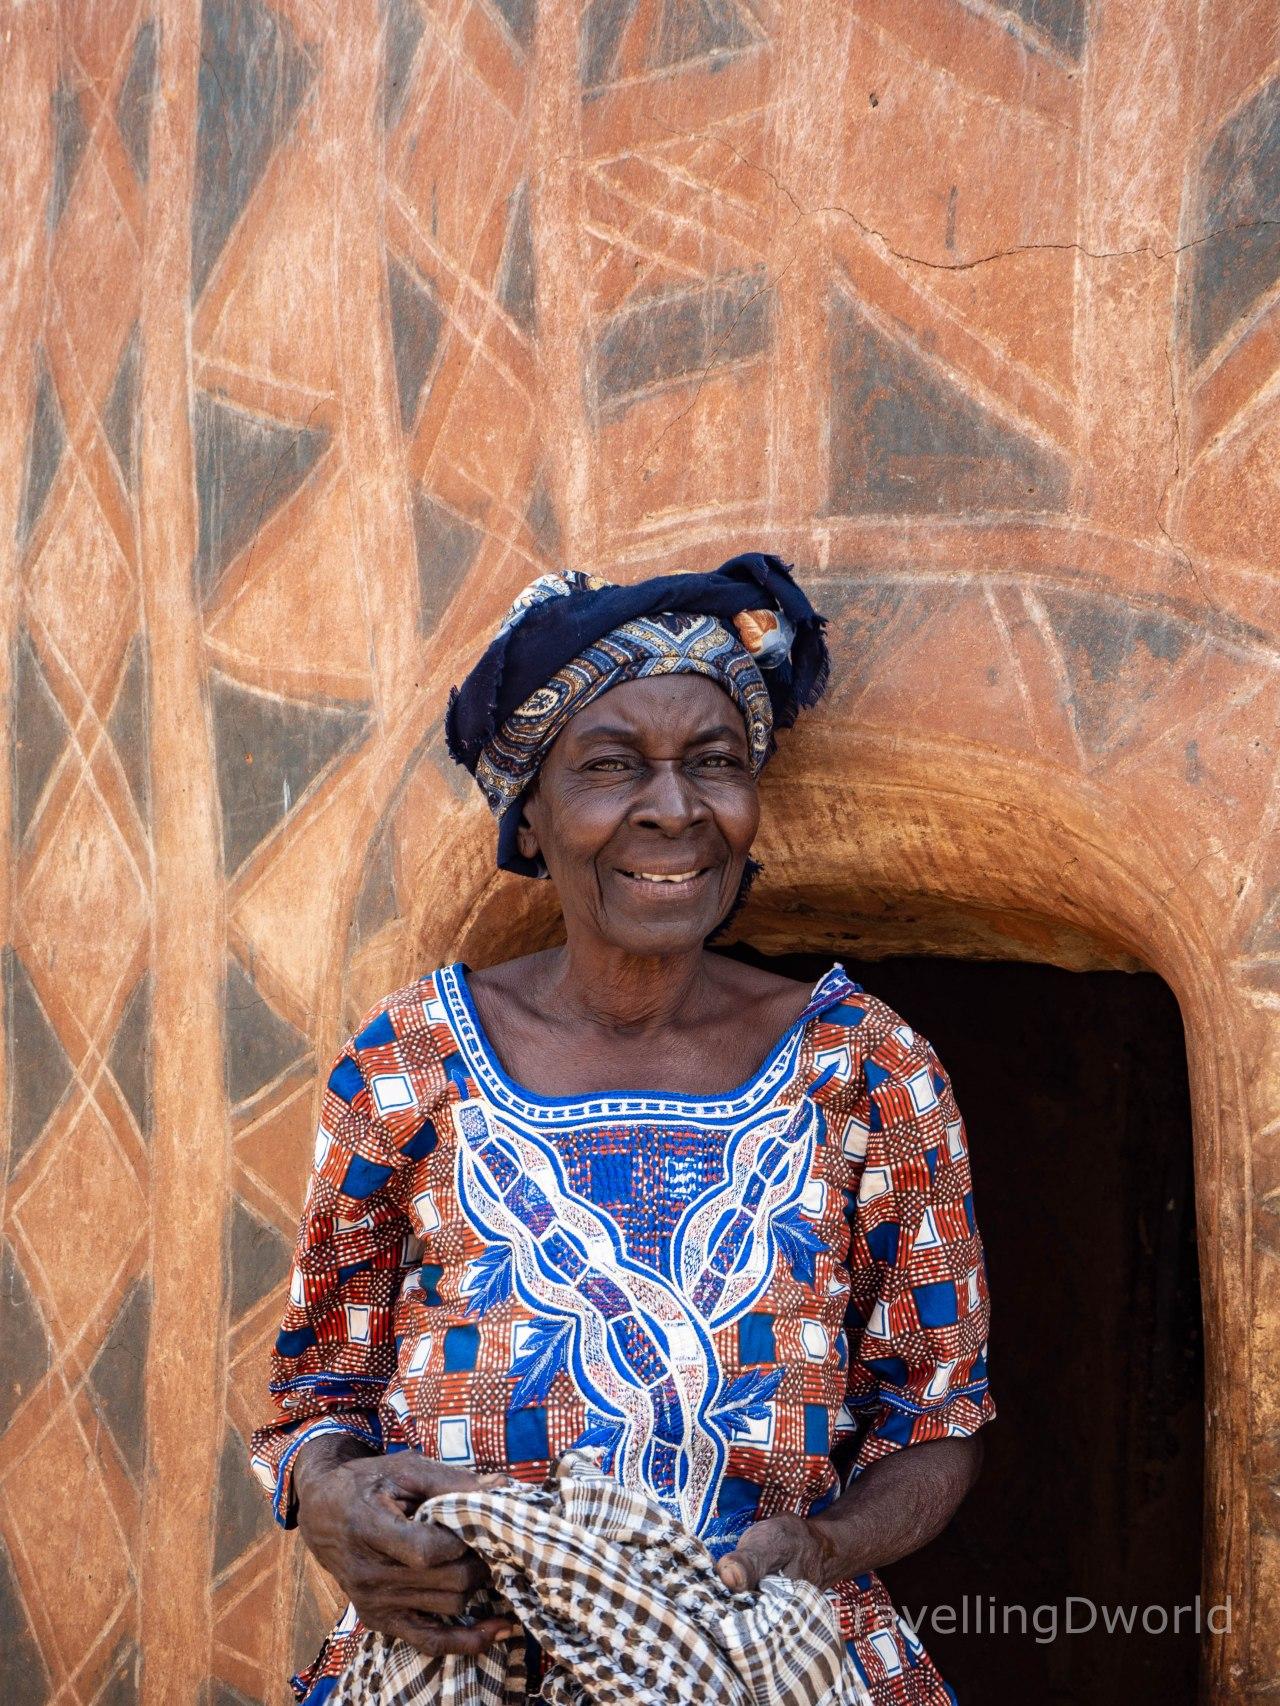 BURKINA FASO, EL GRANDESCUBRIMIENTO